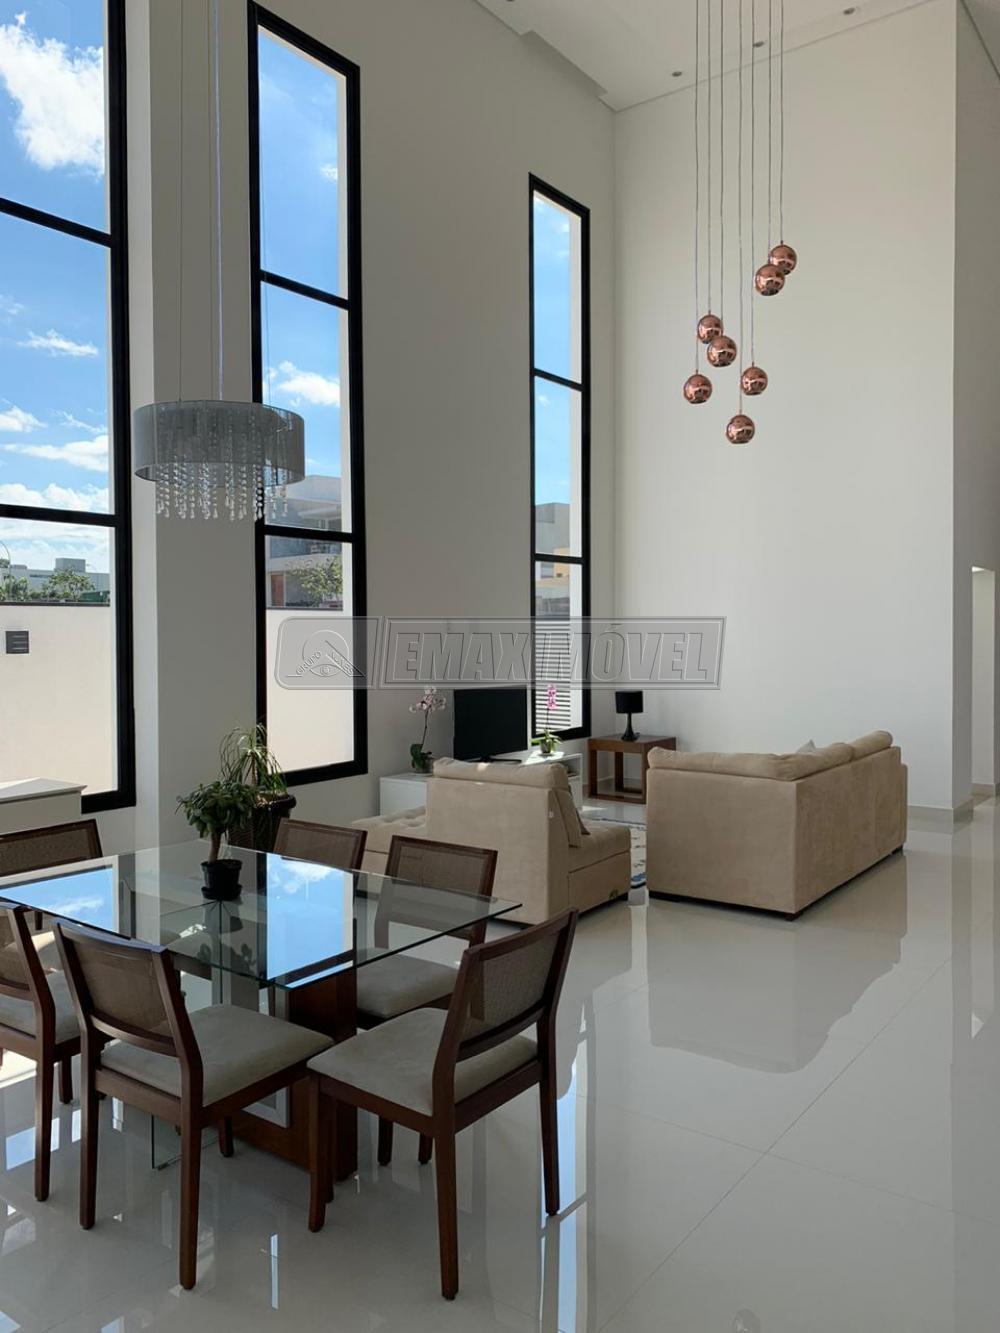 Comprar Casa / em Condomínios em Votorantim R$ 2.250.000,00 - Foto 6